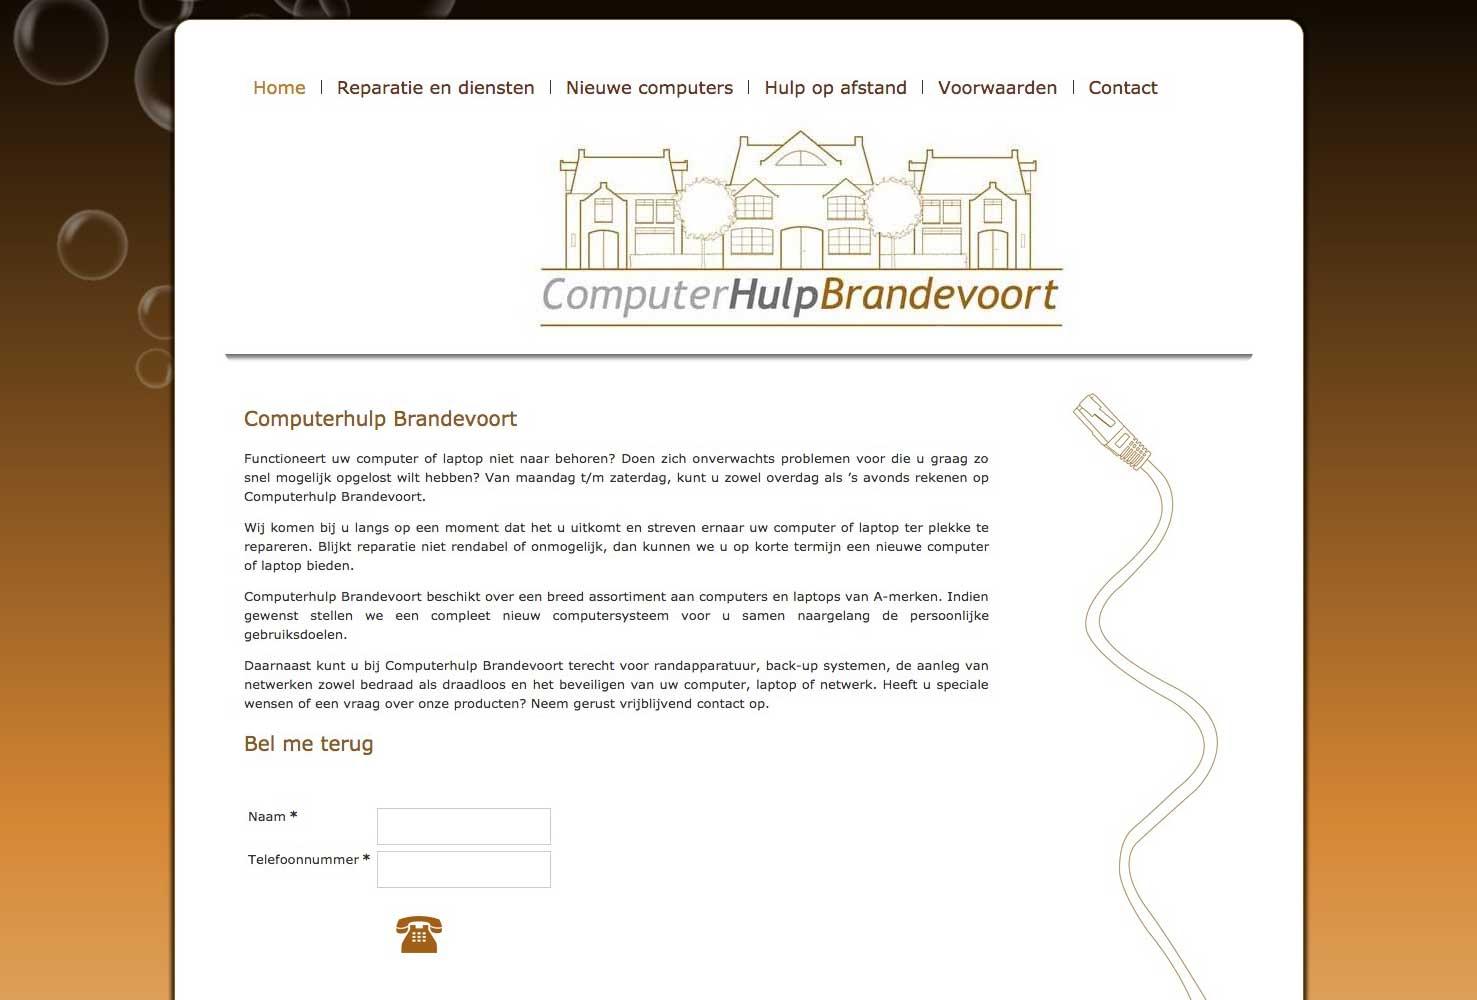 Computerhulp Brandevoort